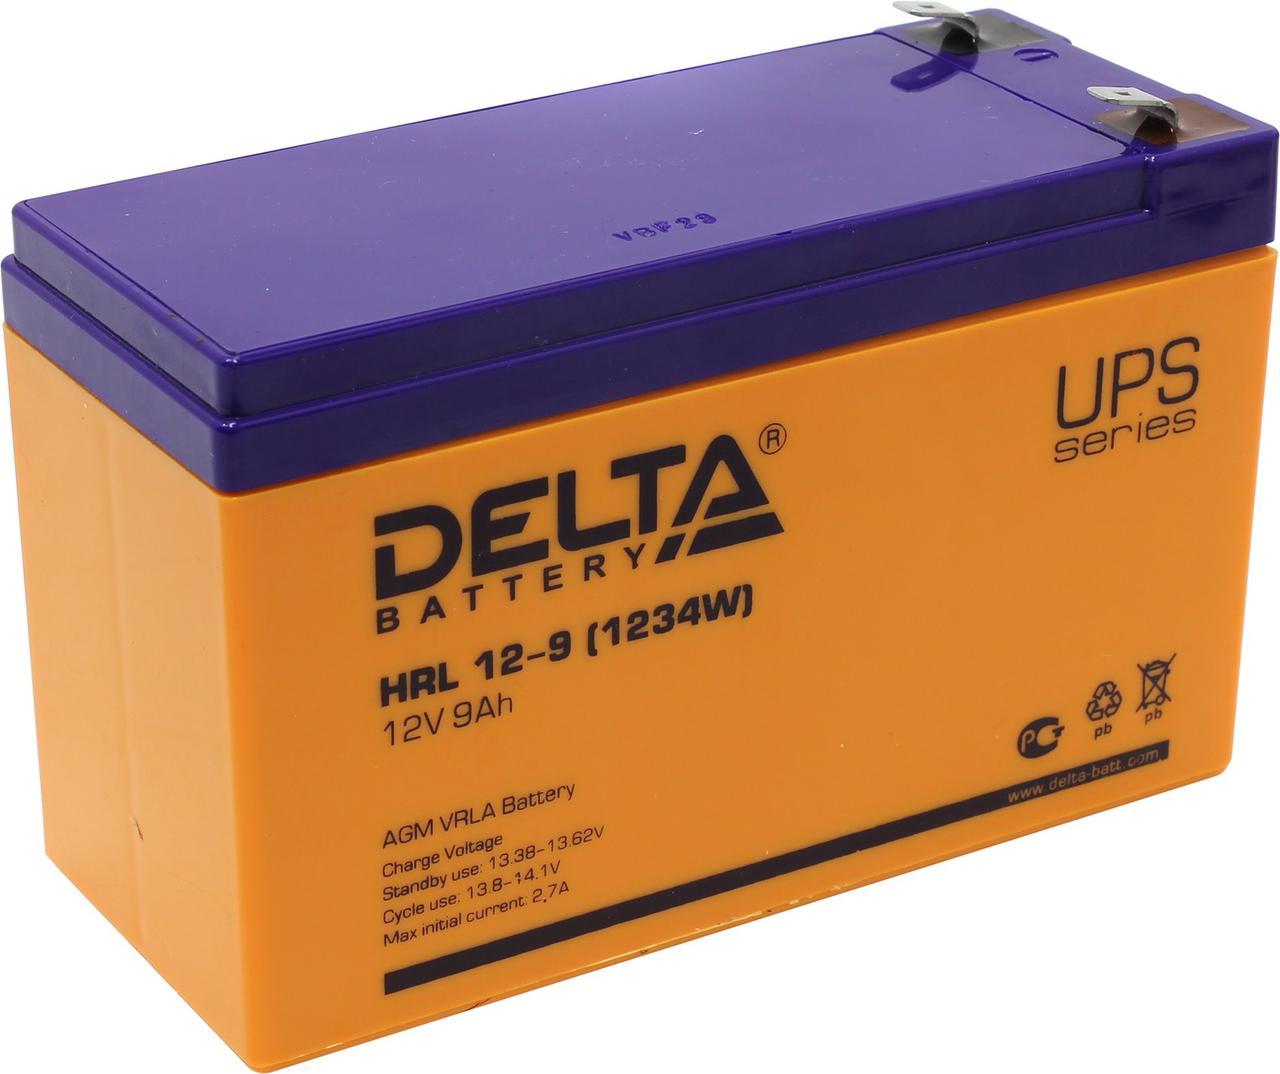 Аккумуляторная батарея Delta HRL 12-9